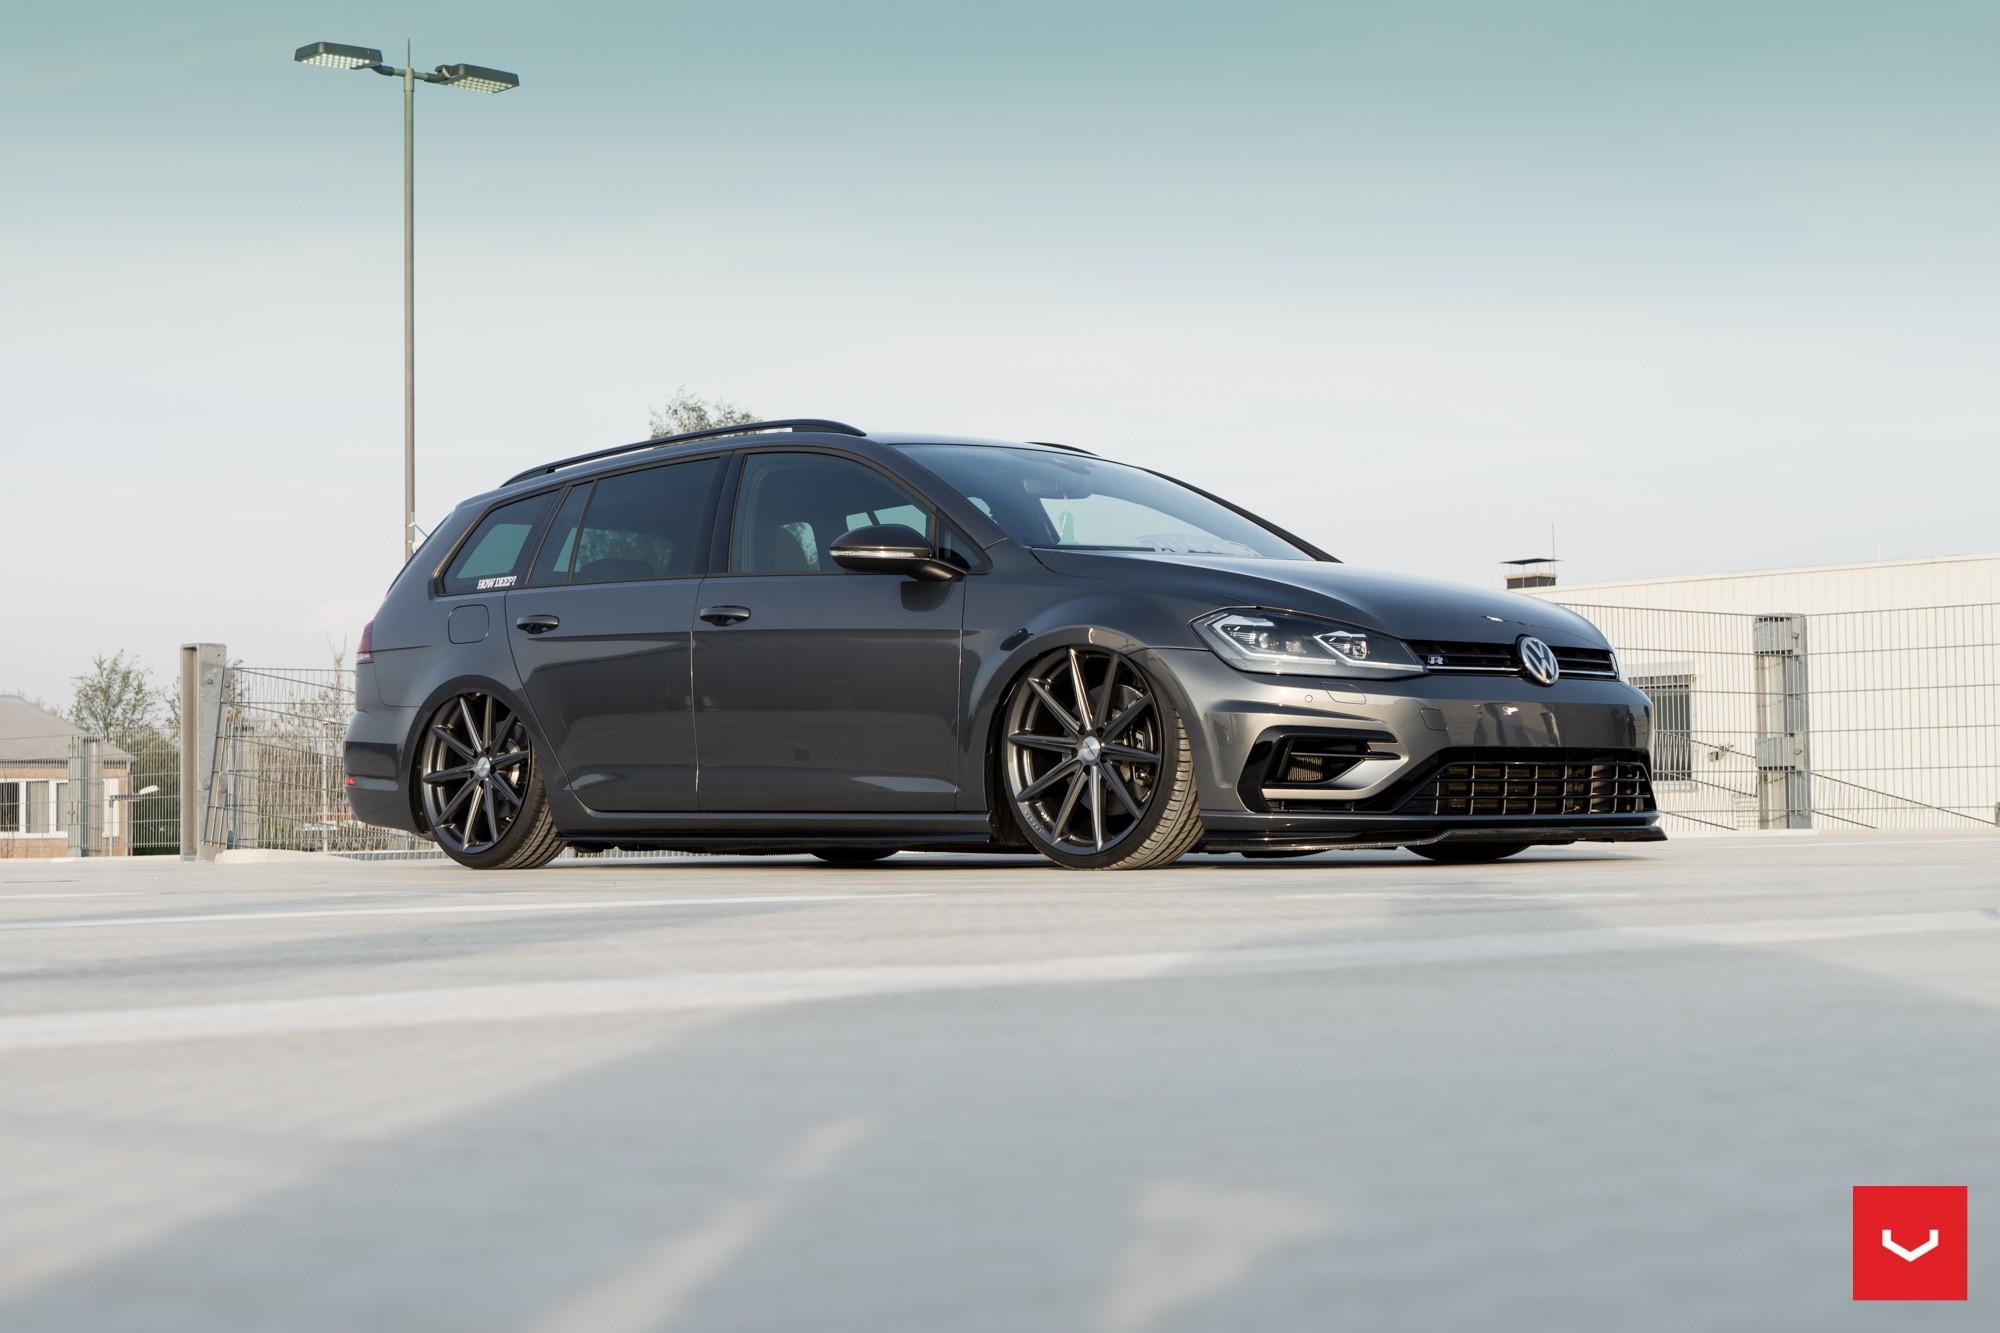 2017 golf r variant gets stanced on vossen wheels for. Black Bedroom Furniture Sets. Home Design Ideas